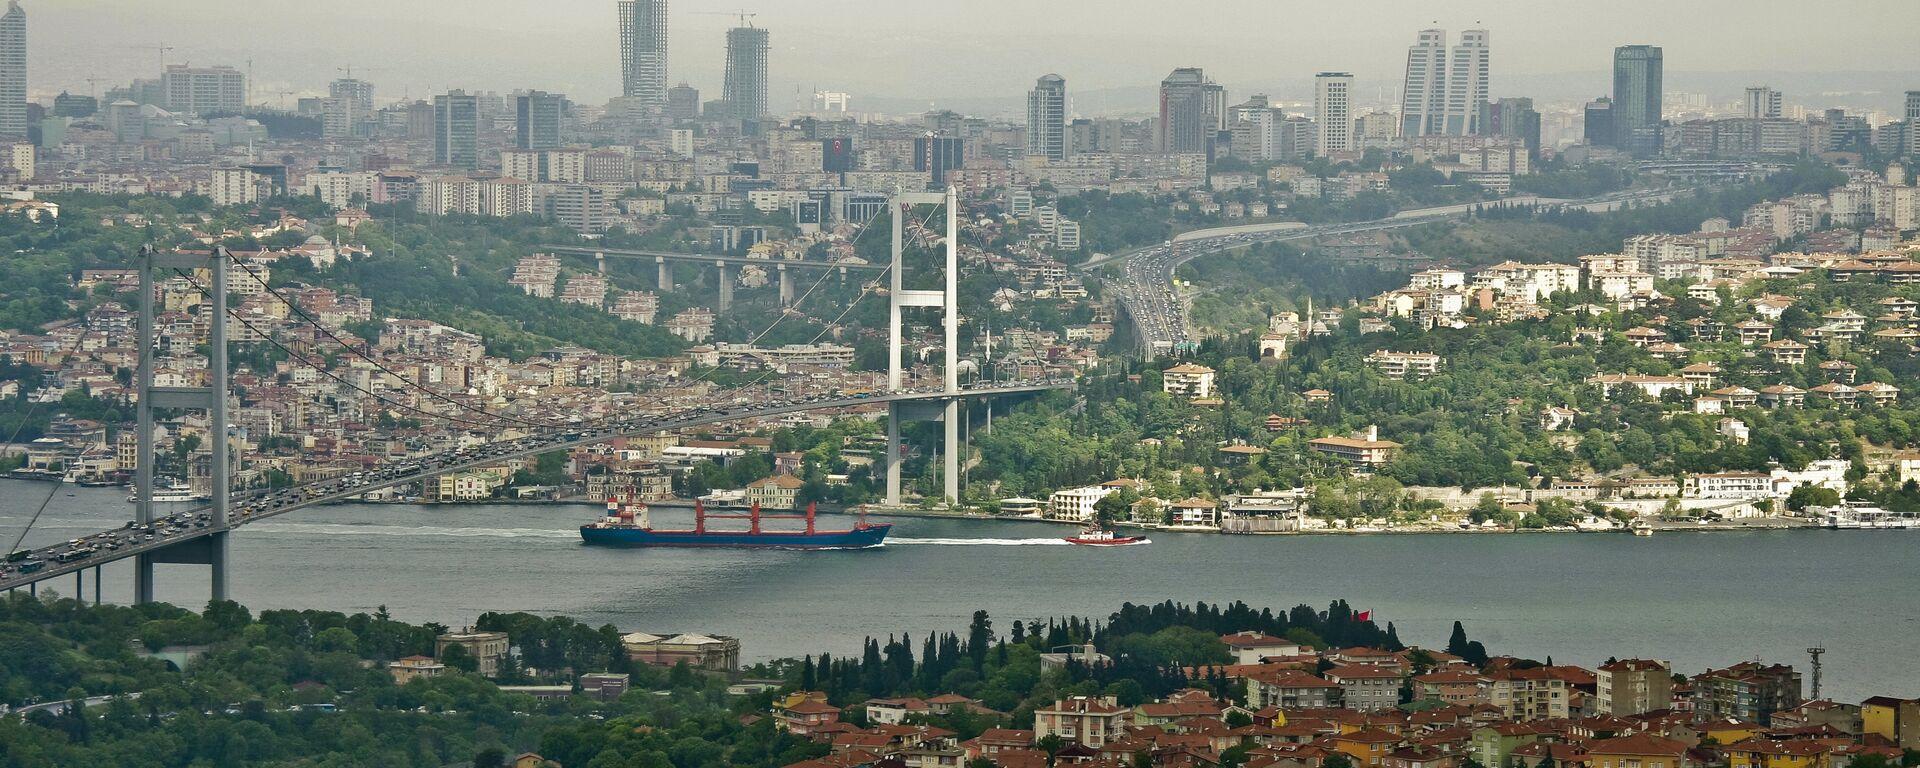 Estrecho de Bósforo en Estambul - Sputnik Mundo, 1920, 26.06.2021